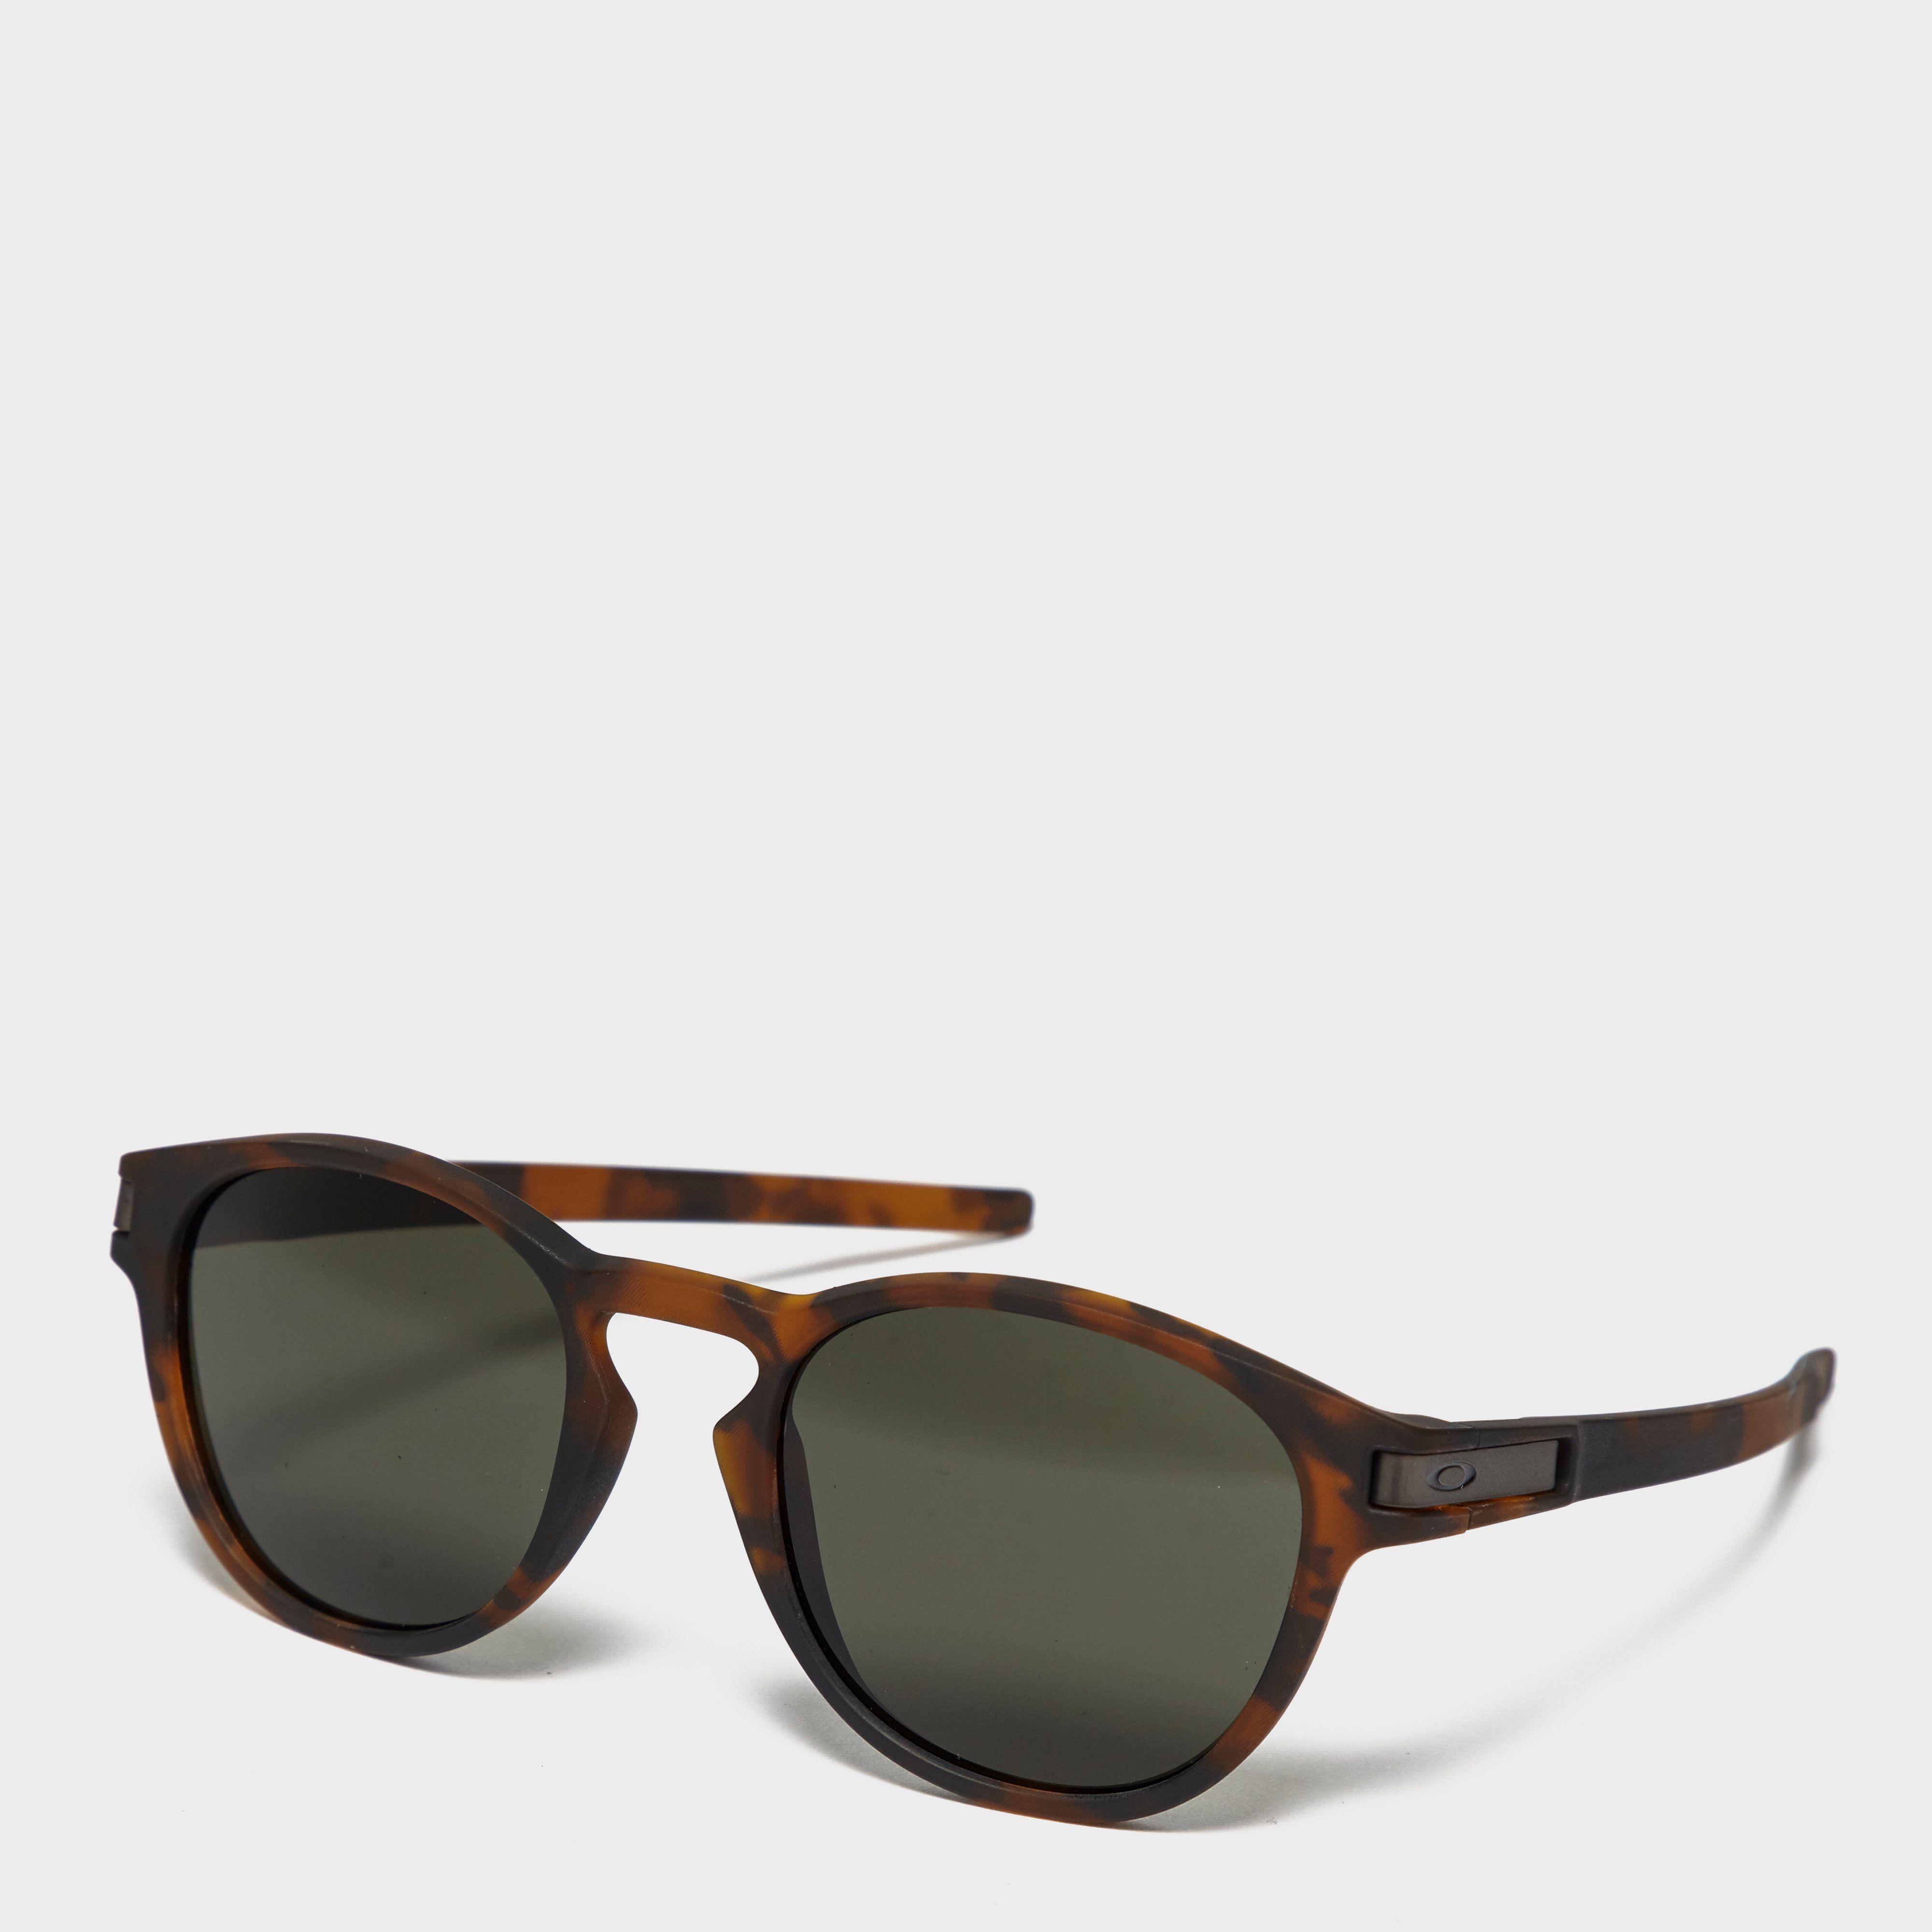 OAKLEY Latch™ Tortoise Shell Sunglasses